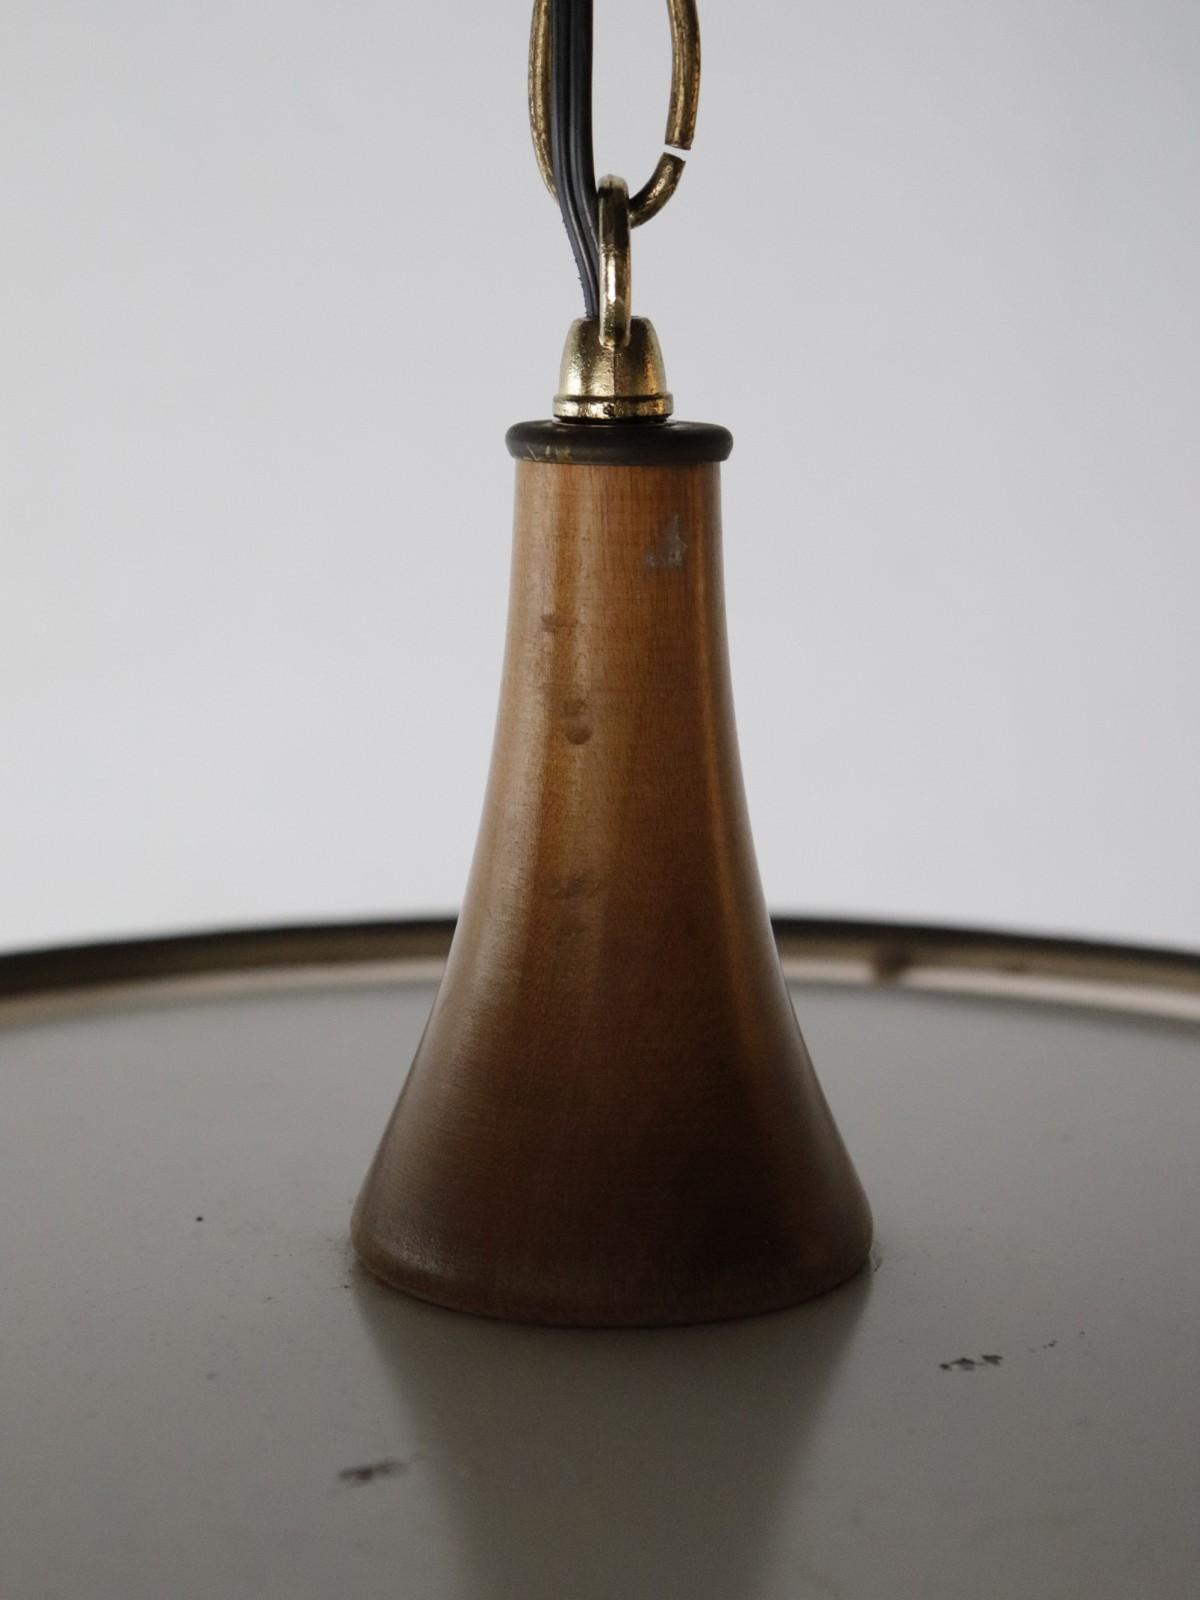 MCM lamp, usa, 1970's lamp